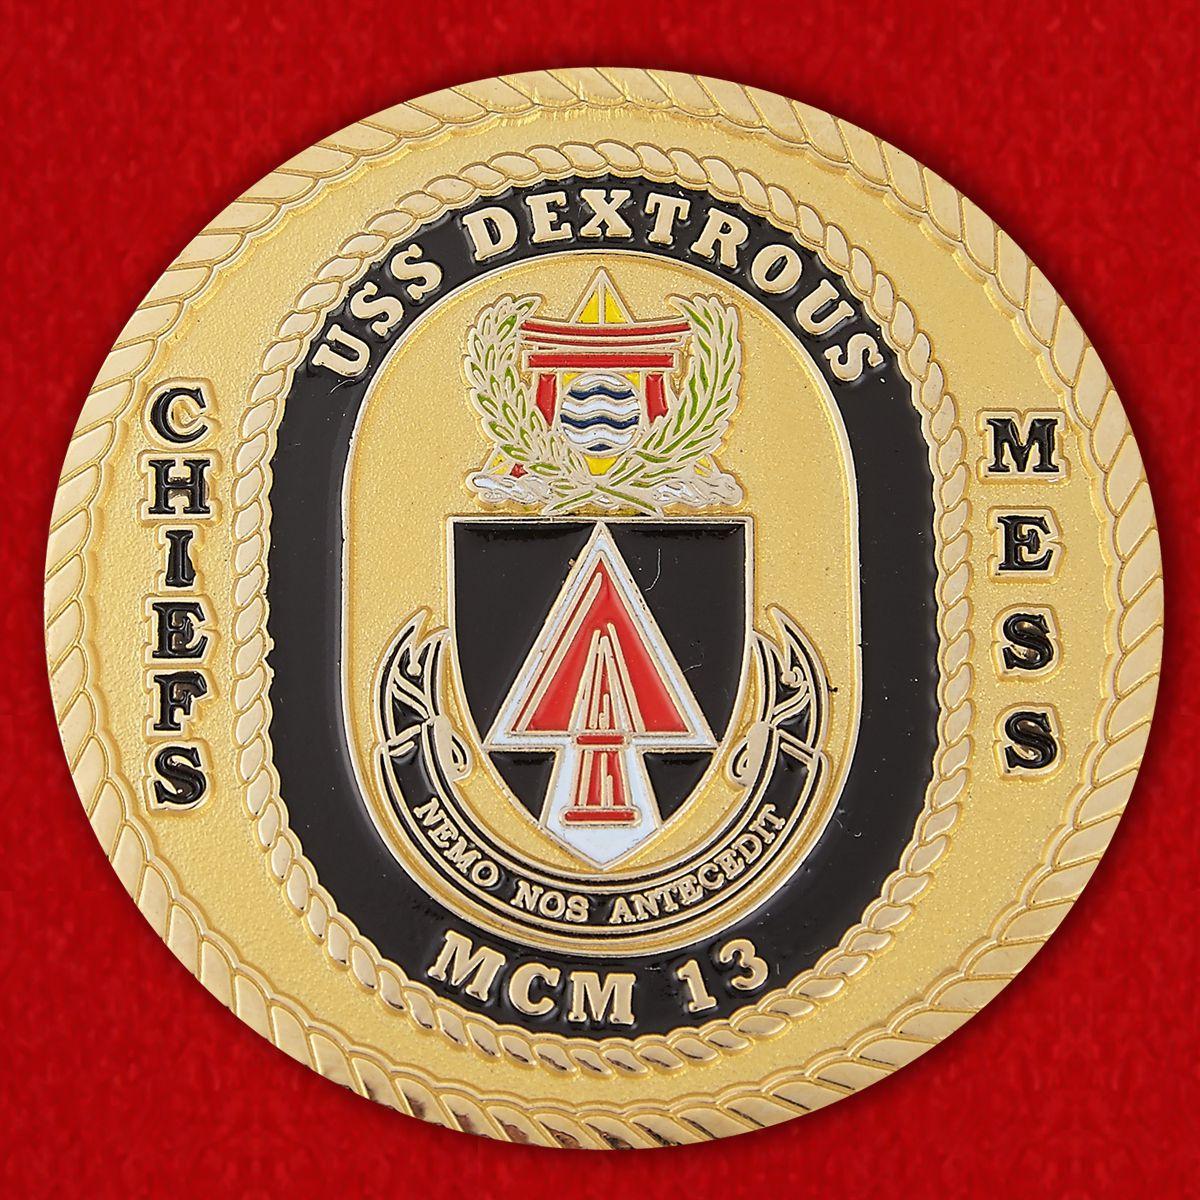 """Челлендж коин """"Младшим командирам тральщика ВМС США Dextrous (МСМ-13)"""""""